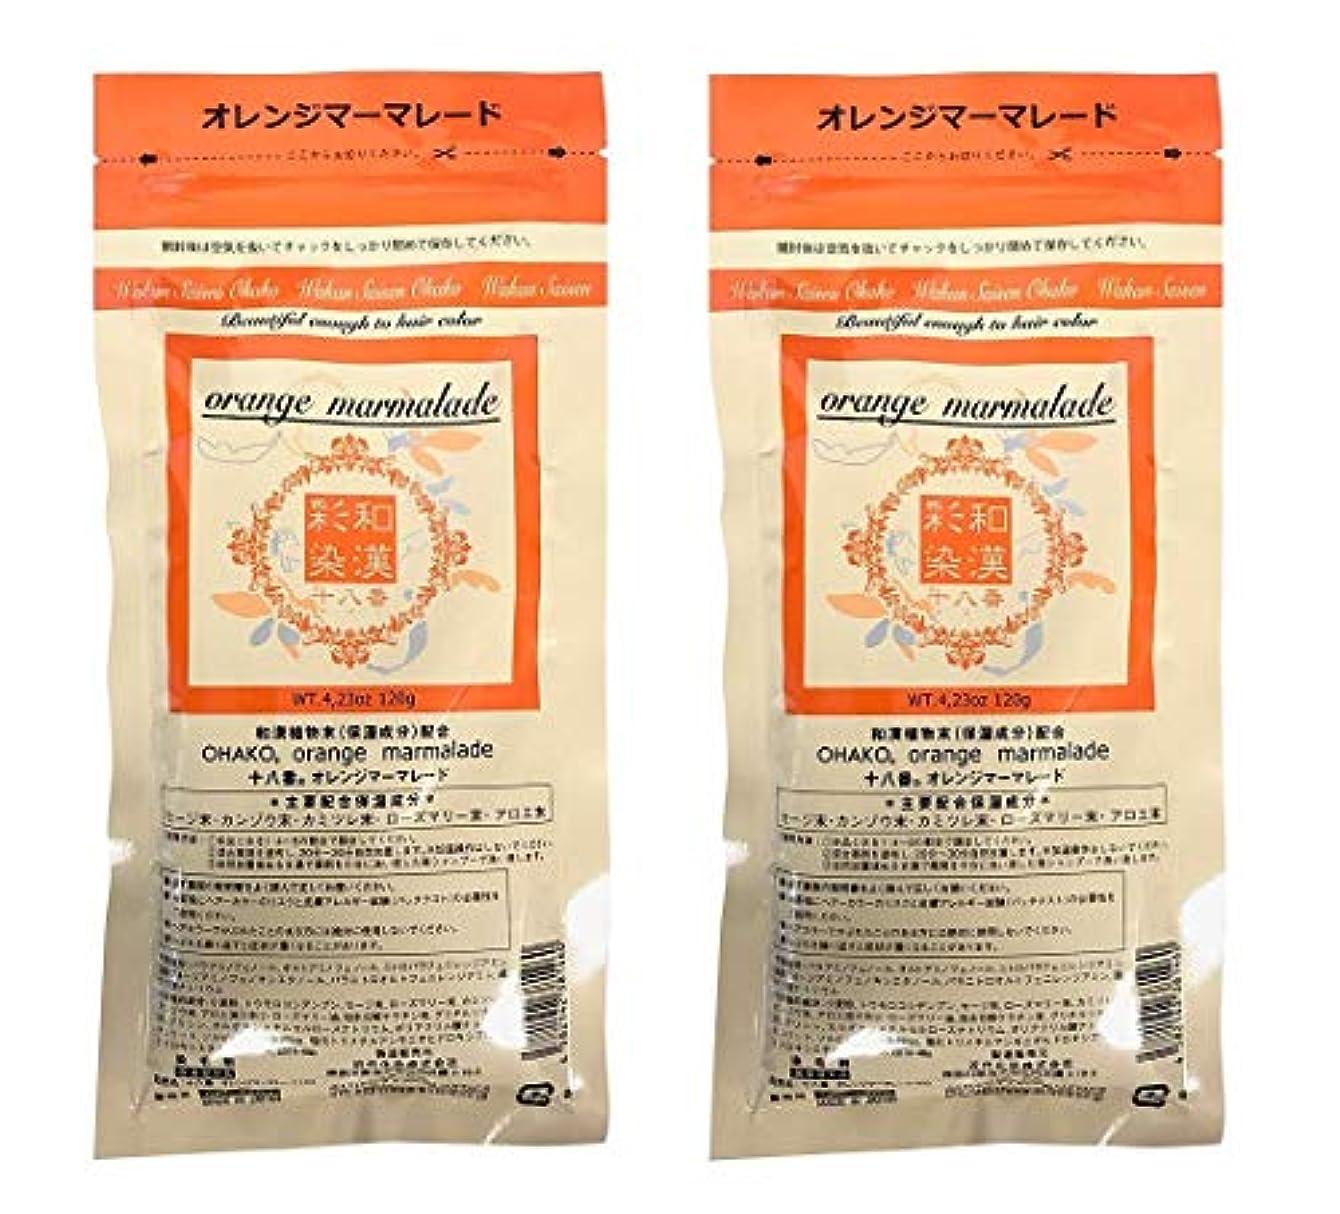 サッカー視力冷蔵庫【2個セット】グランデックス 和漢彩染 十八番 120g オレンジママーレード